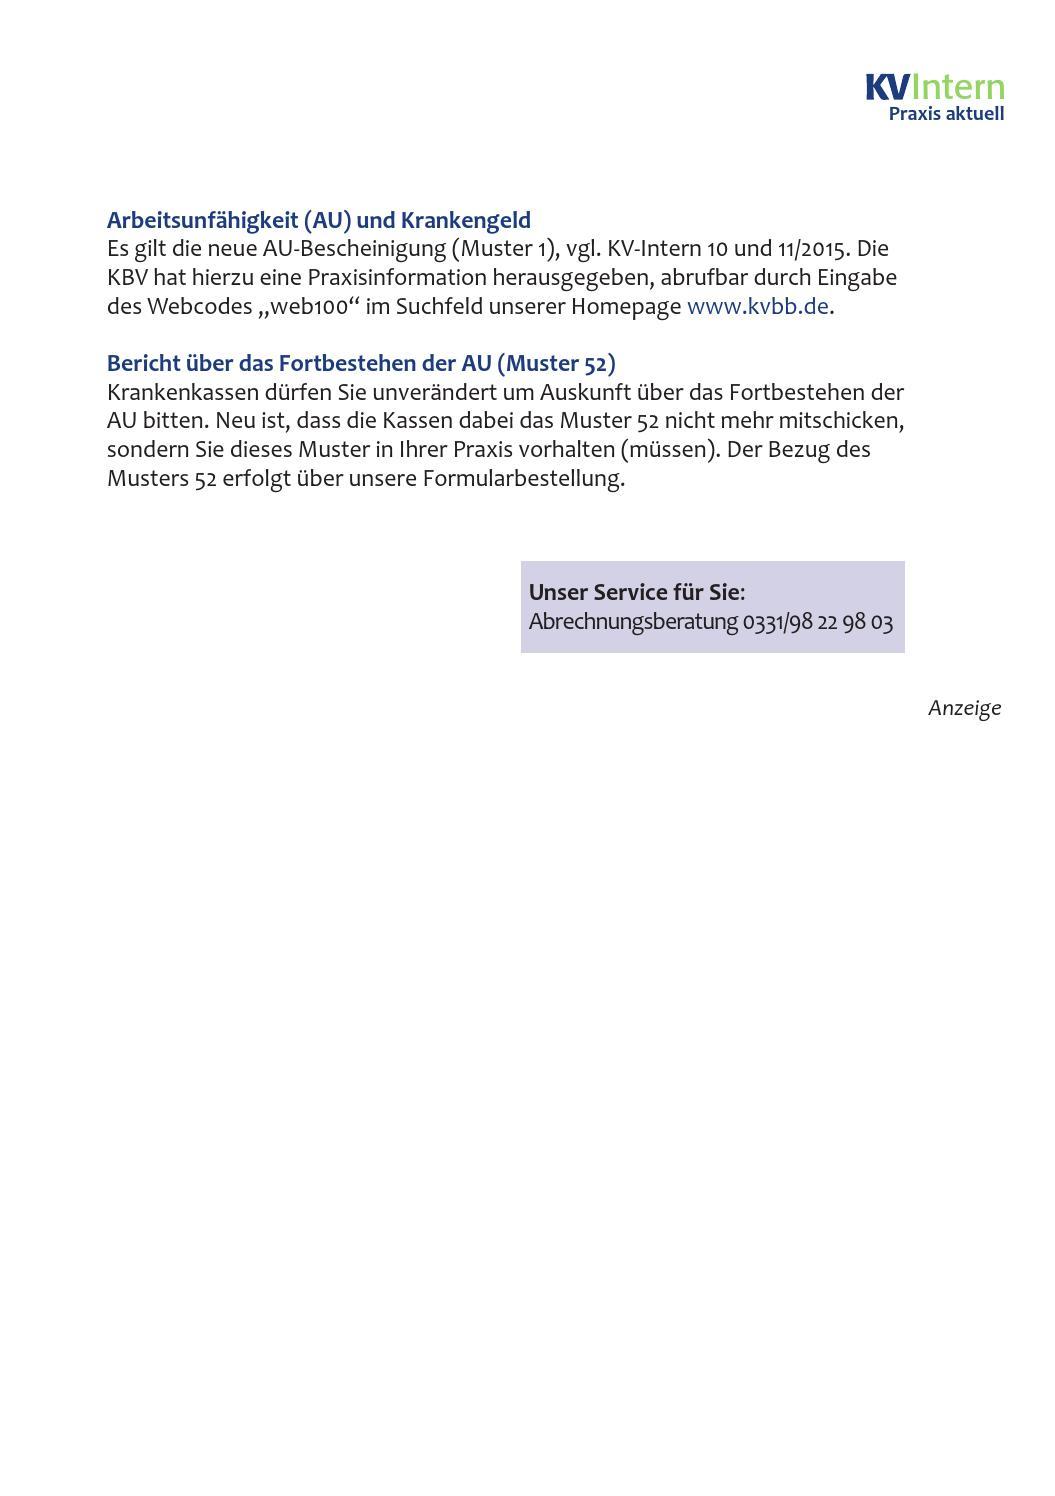 Artikel Deutsches Arzteblatt 4